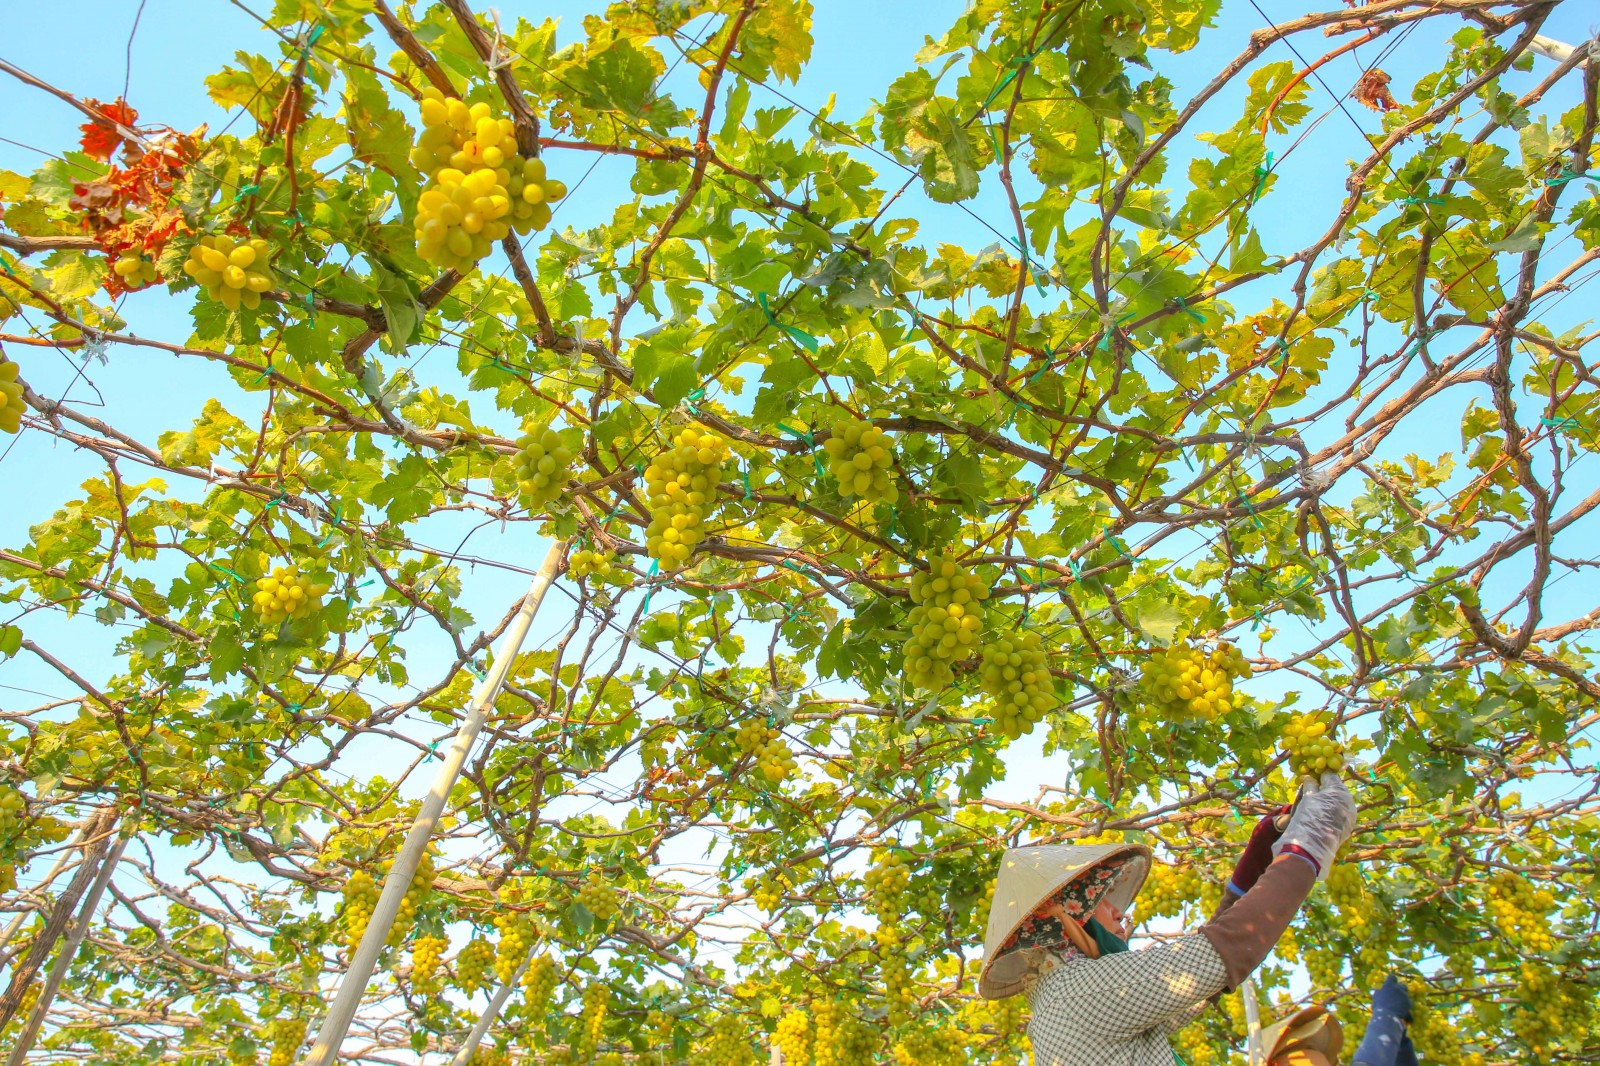 Những người nông dân tỉa bớt trái tại vườn nho xanh của trang trại nho Ba Mọi.